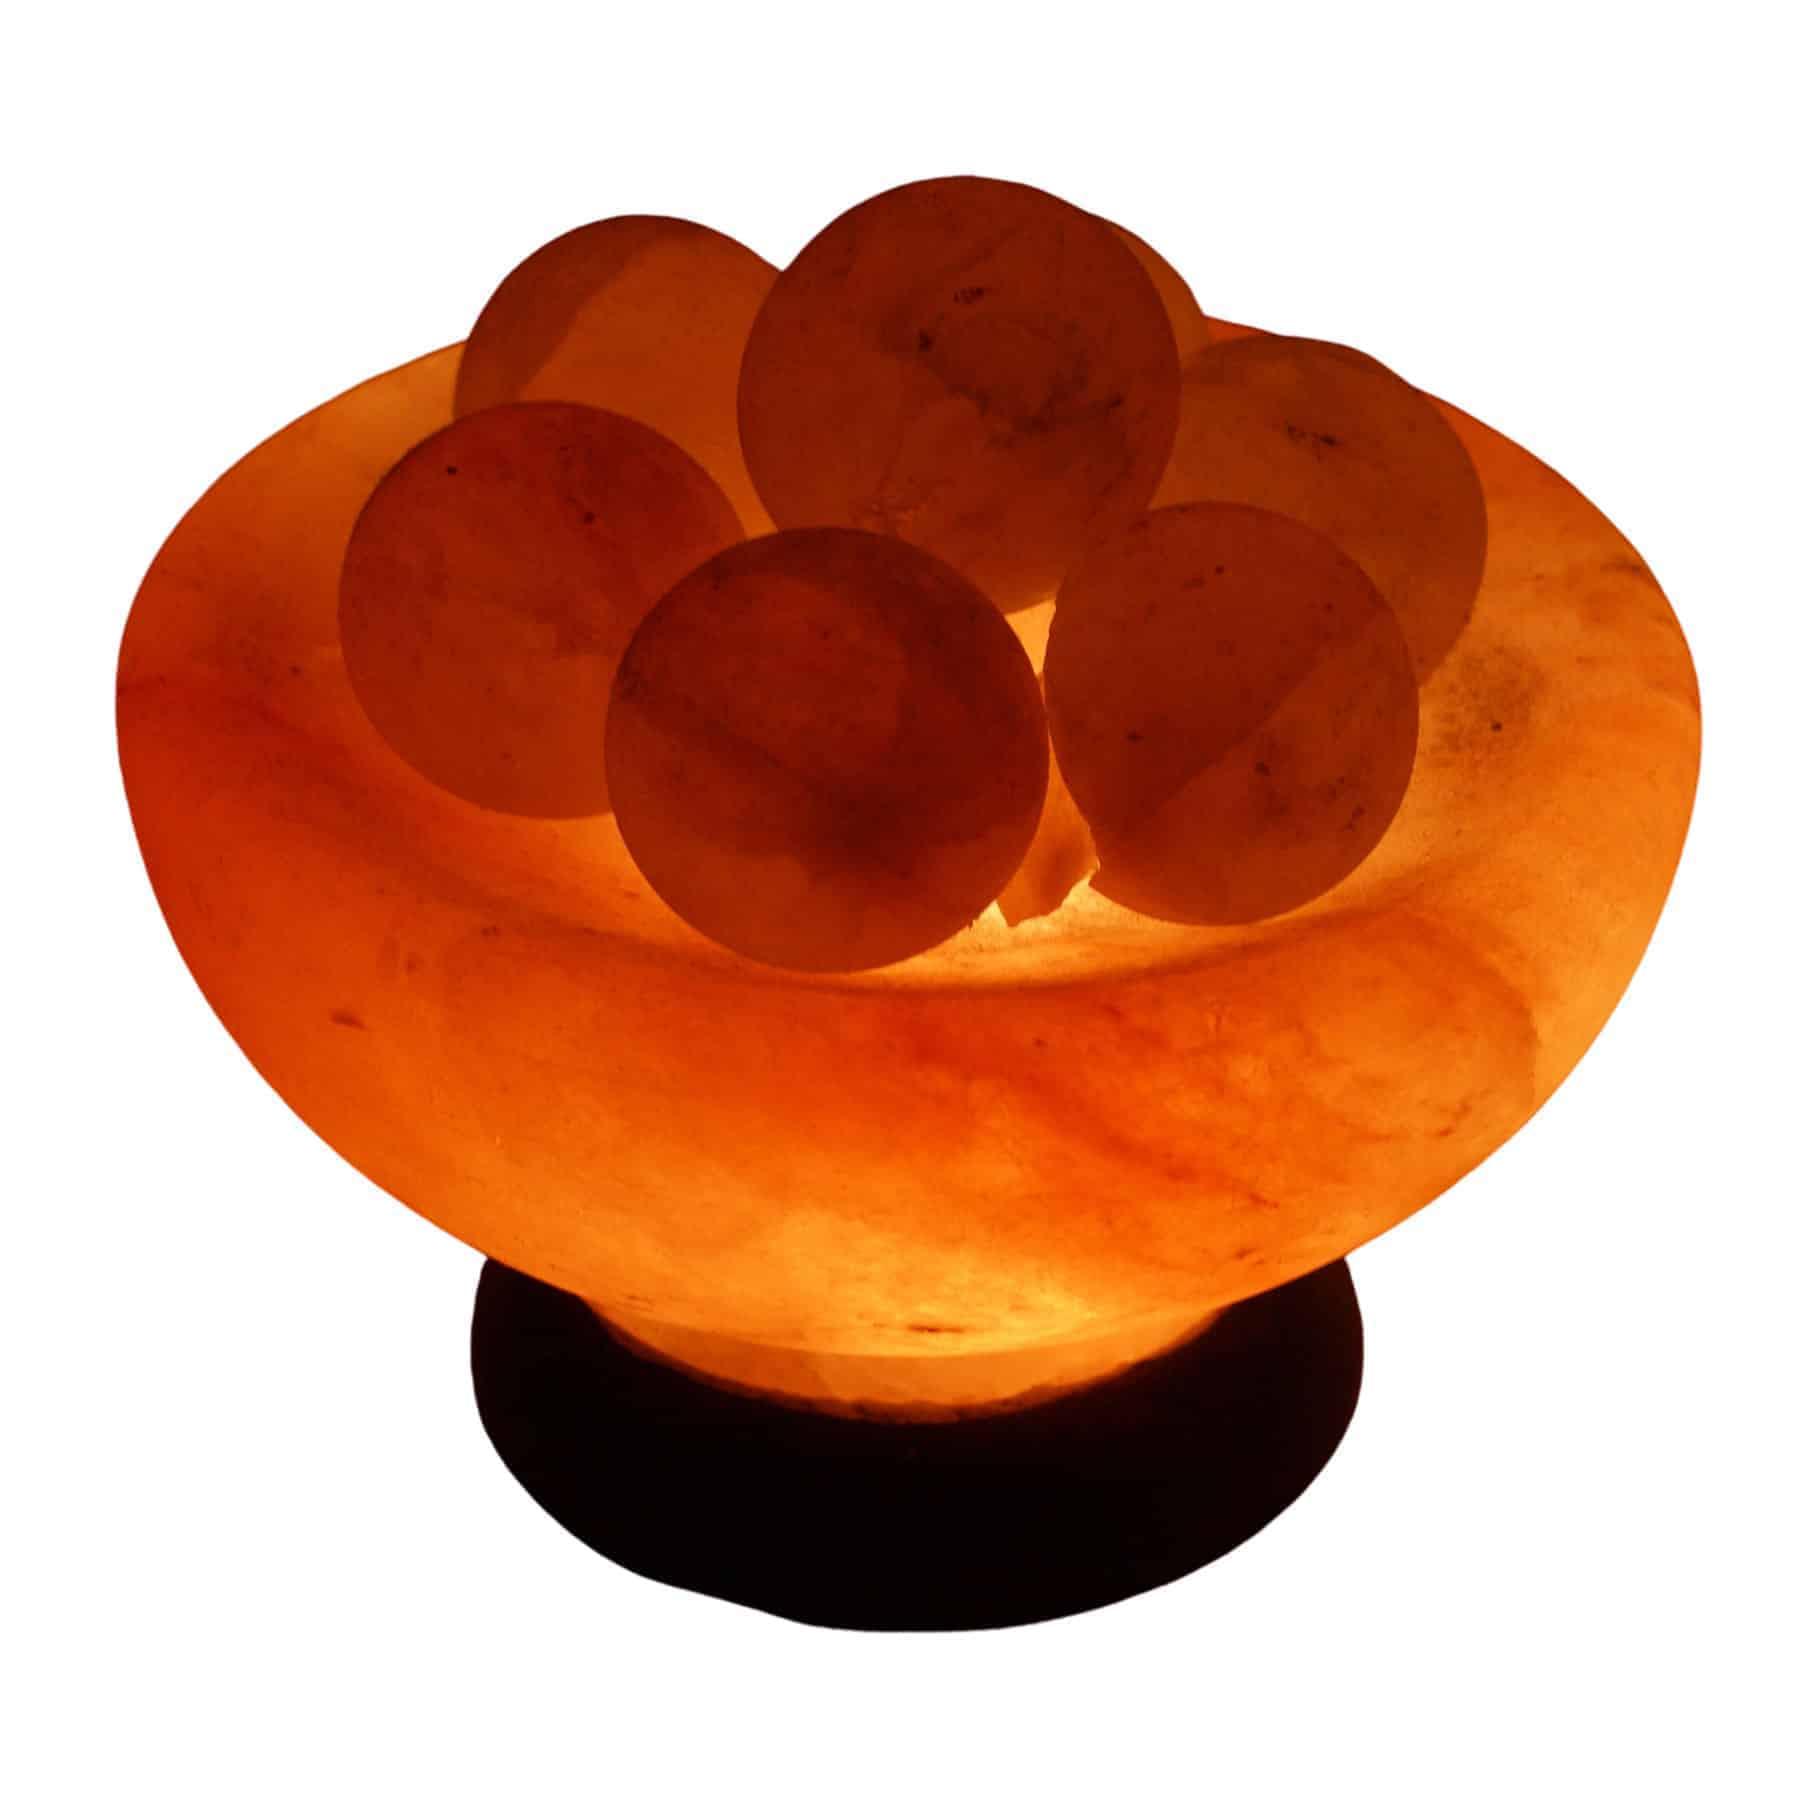 Abundance Bowl Salt Lamp with Healing Massage Balls